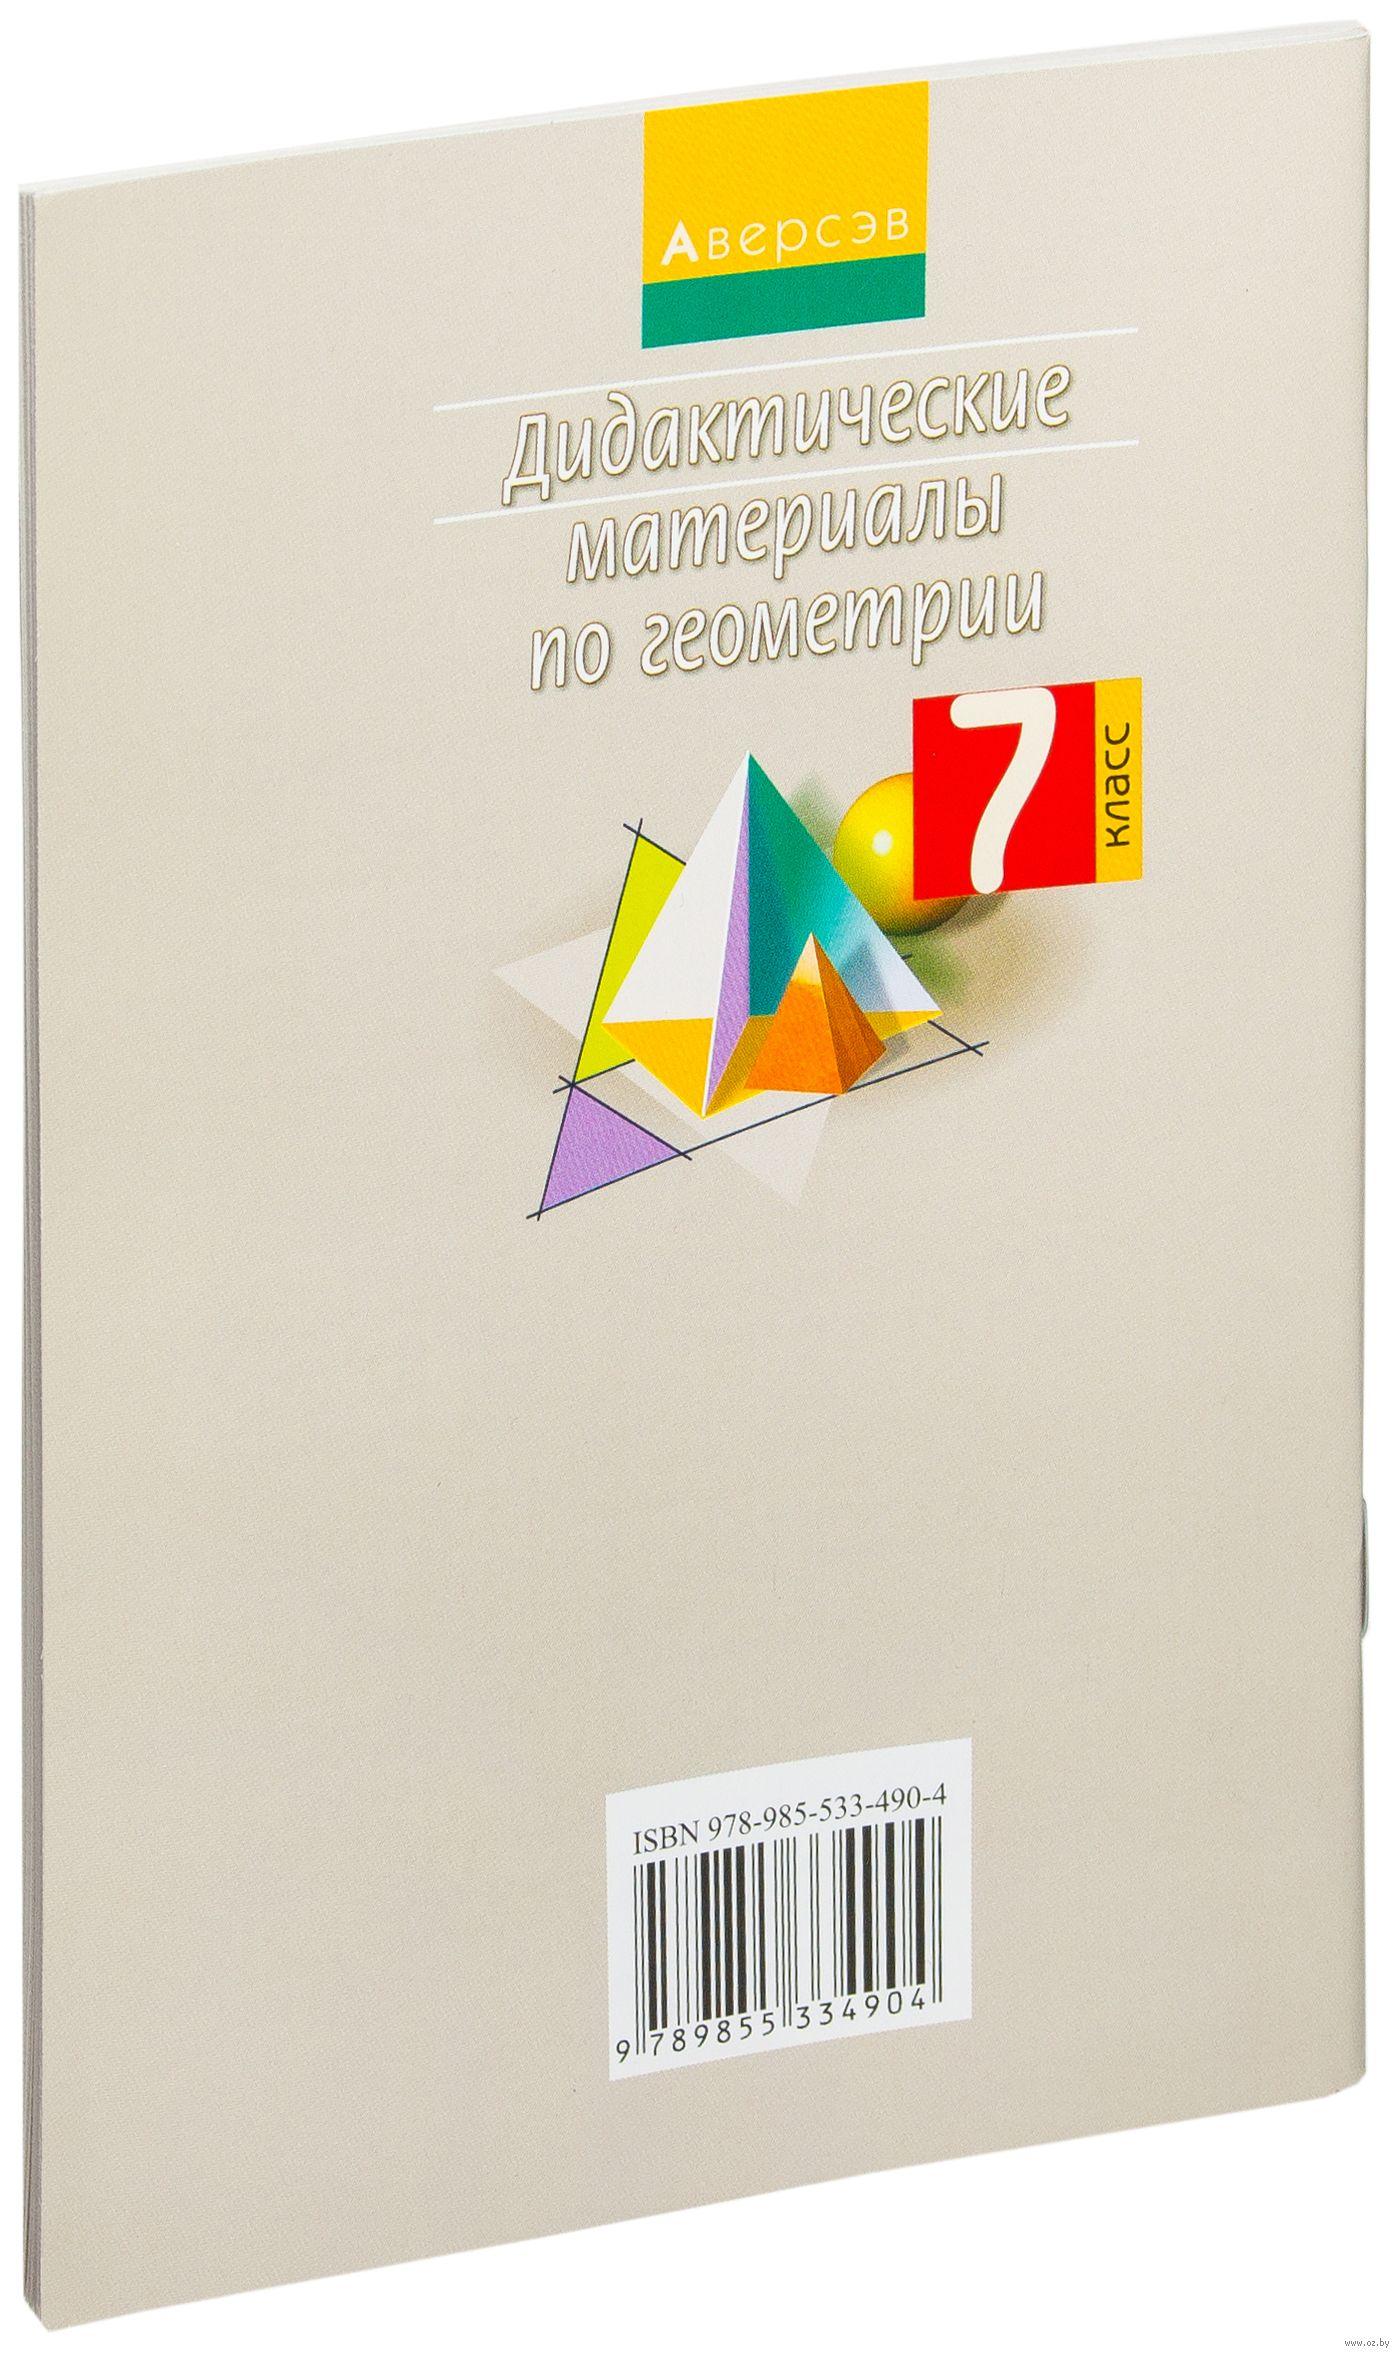 дидактические материалы по геометрии 8 класс валаханович шлыков ответы